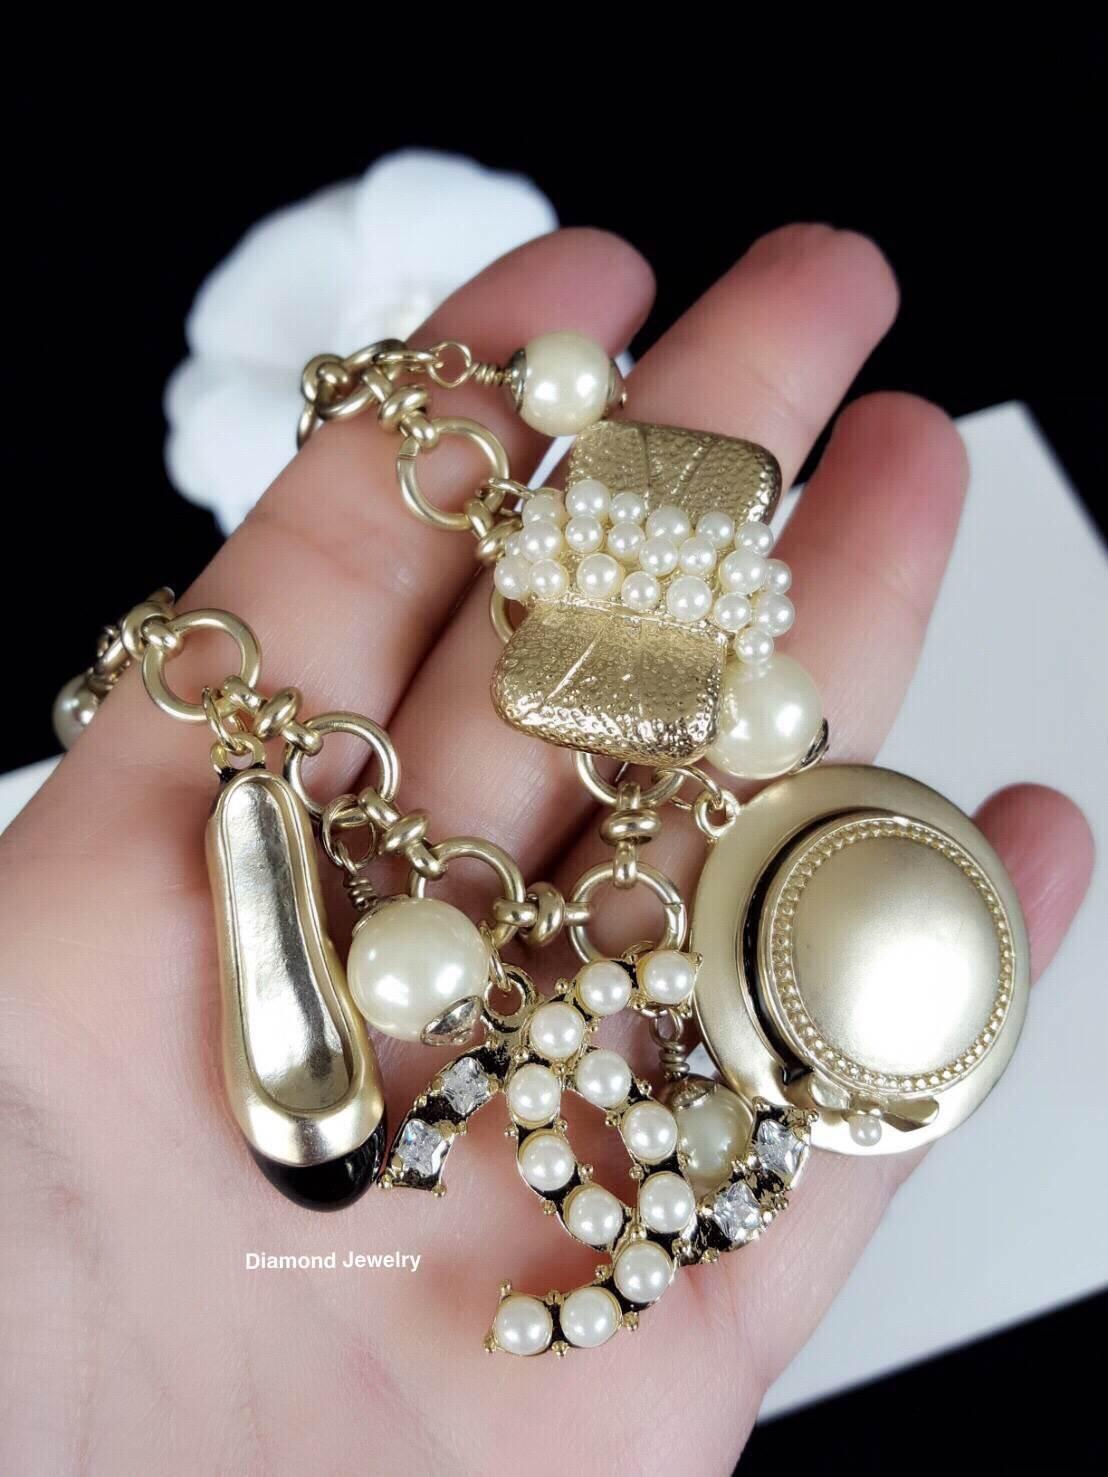 พร้อมส่ง Chanel Pearl Bracelet สร้อยข้อมือมุกชาแนล